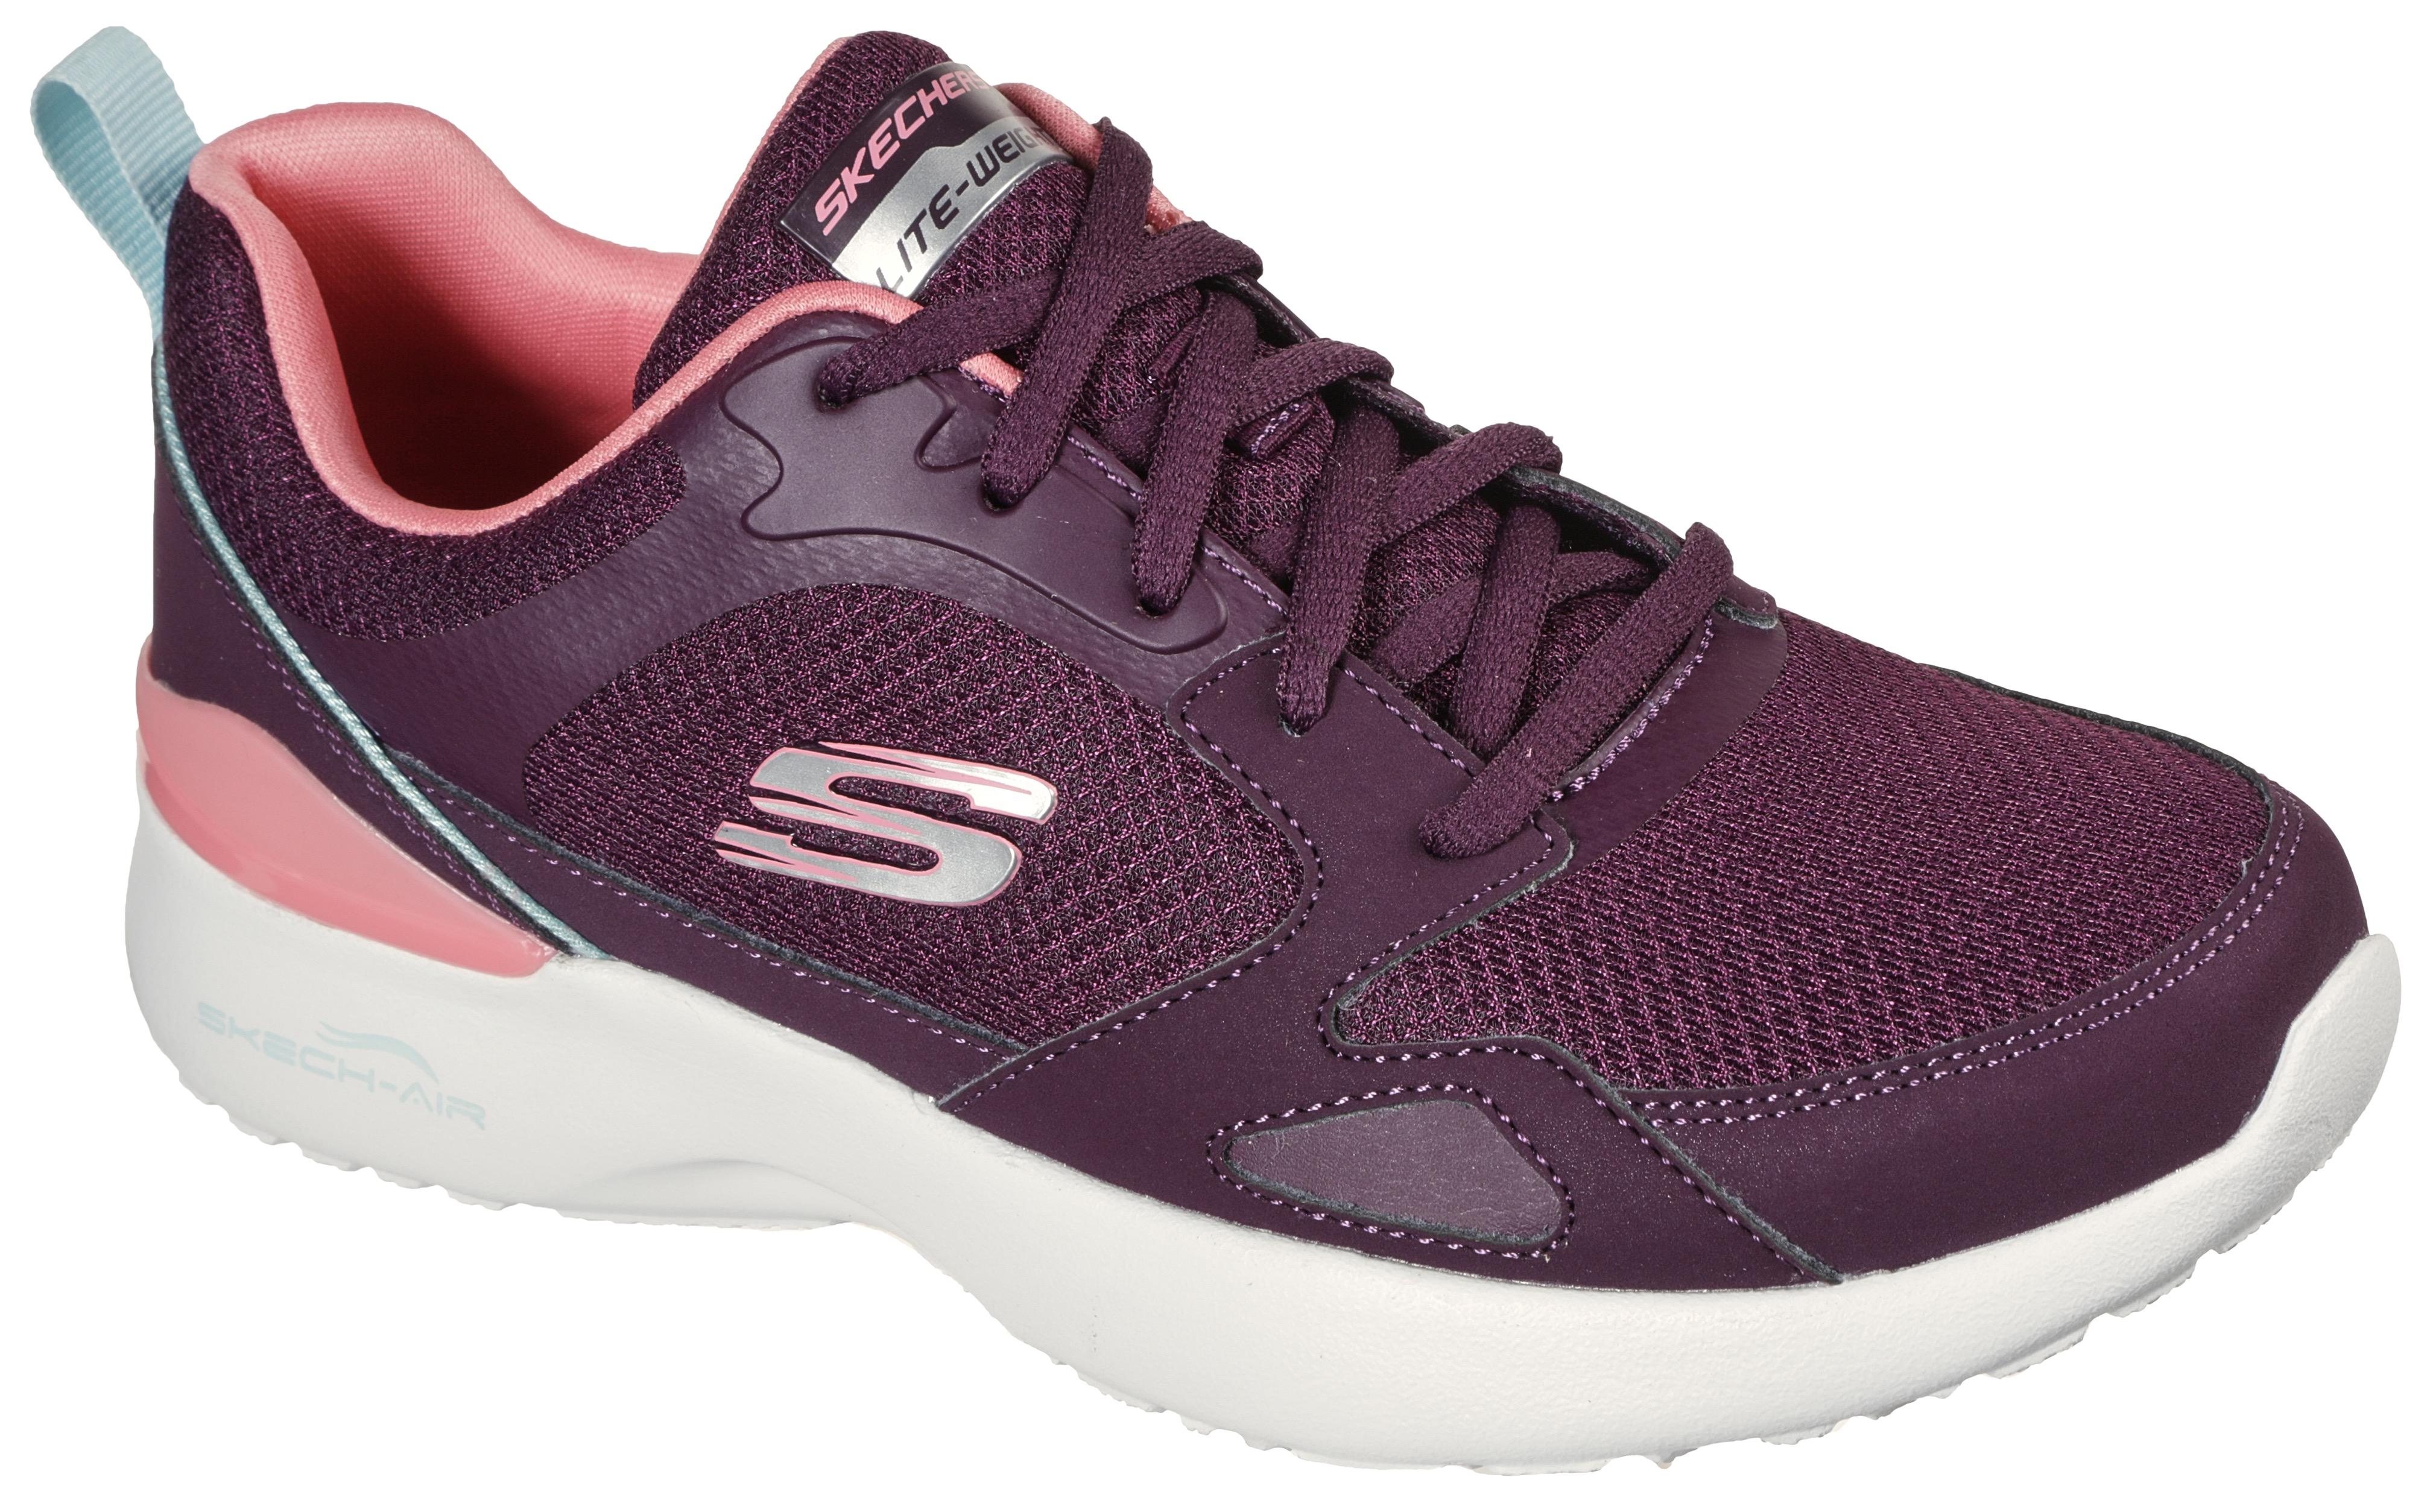 skechers -  Sneaker SKECH-AIR DYNAMIGHT, mit auffälligen Kontrastbesätzen